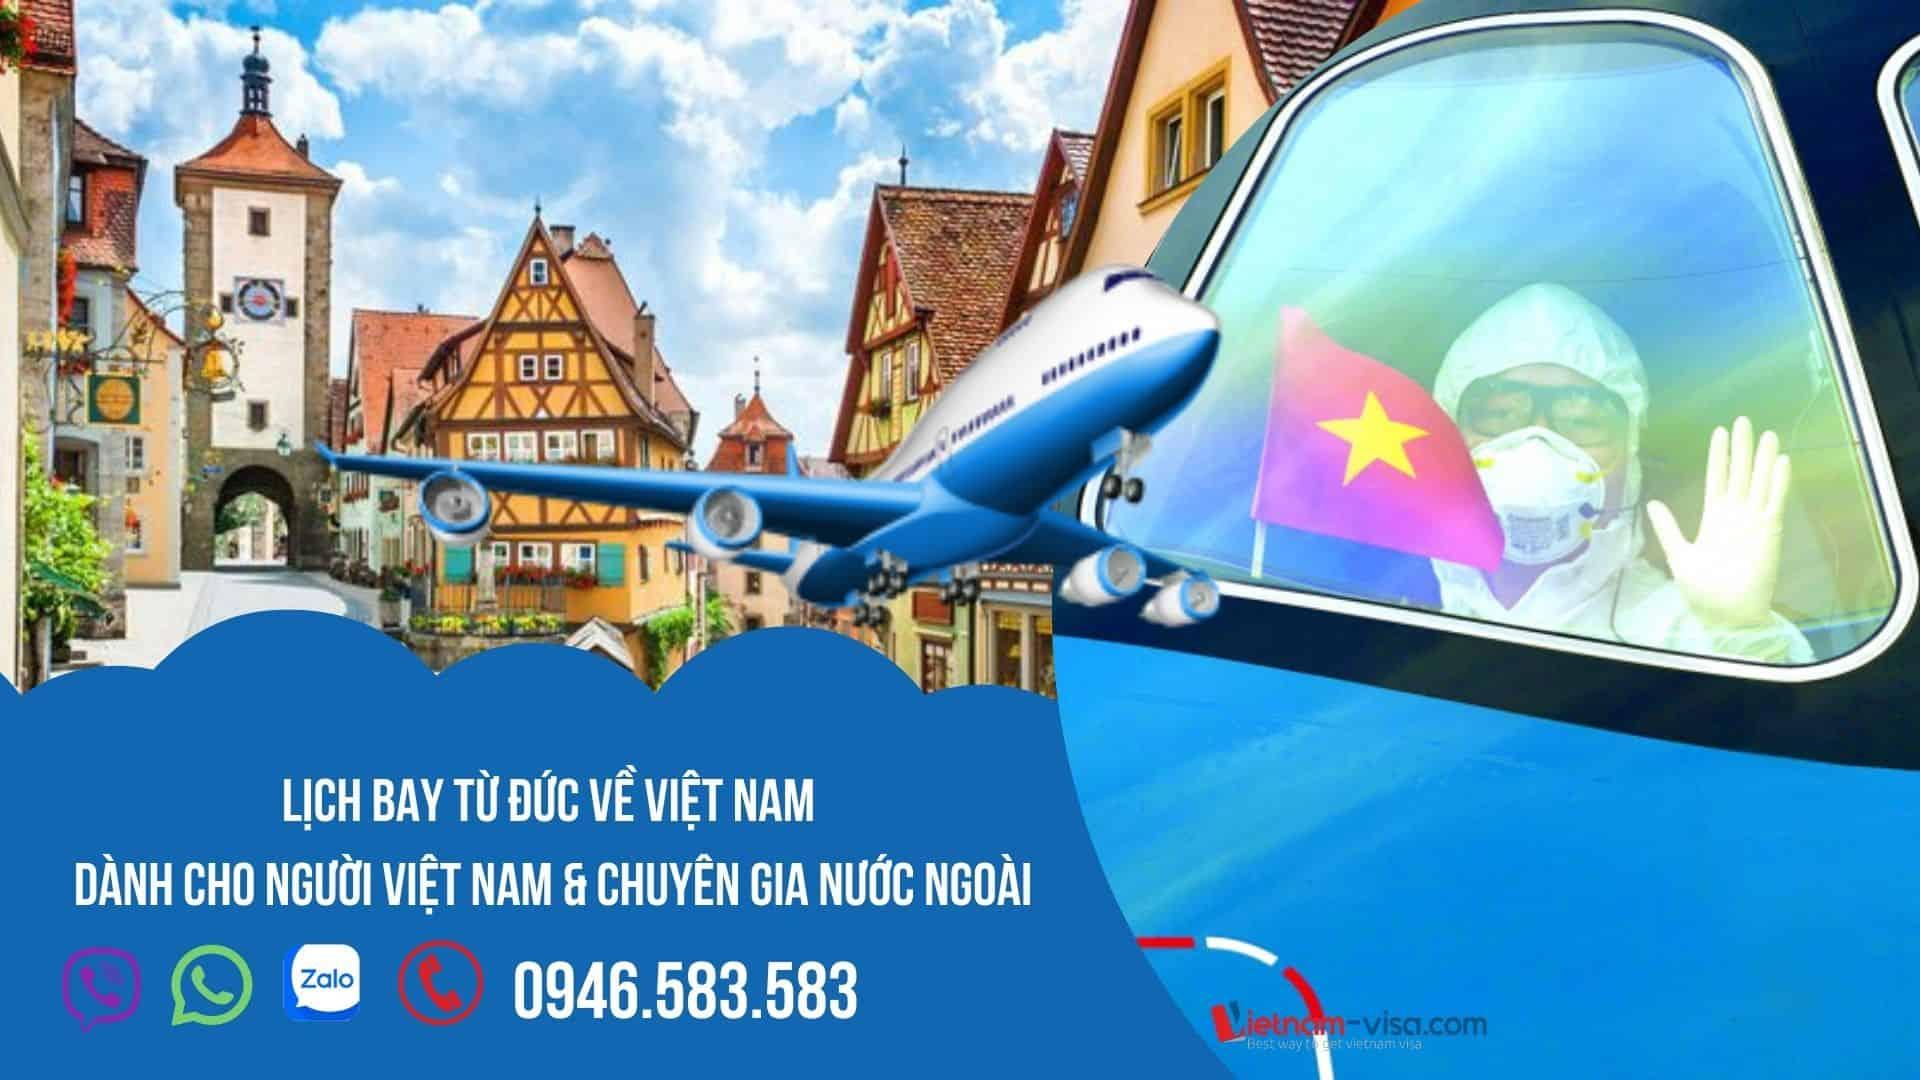 Lịch chuyến bay từ Đức về Việt Nam tháng 10, 11 & 12/2021 – Đặt vé HÔM NAY